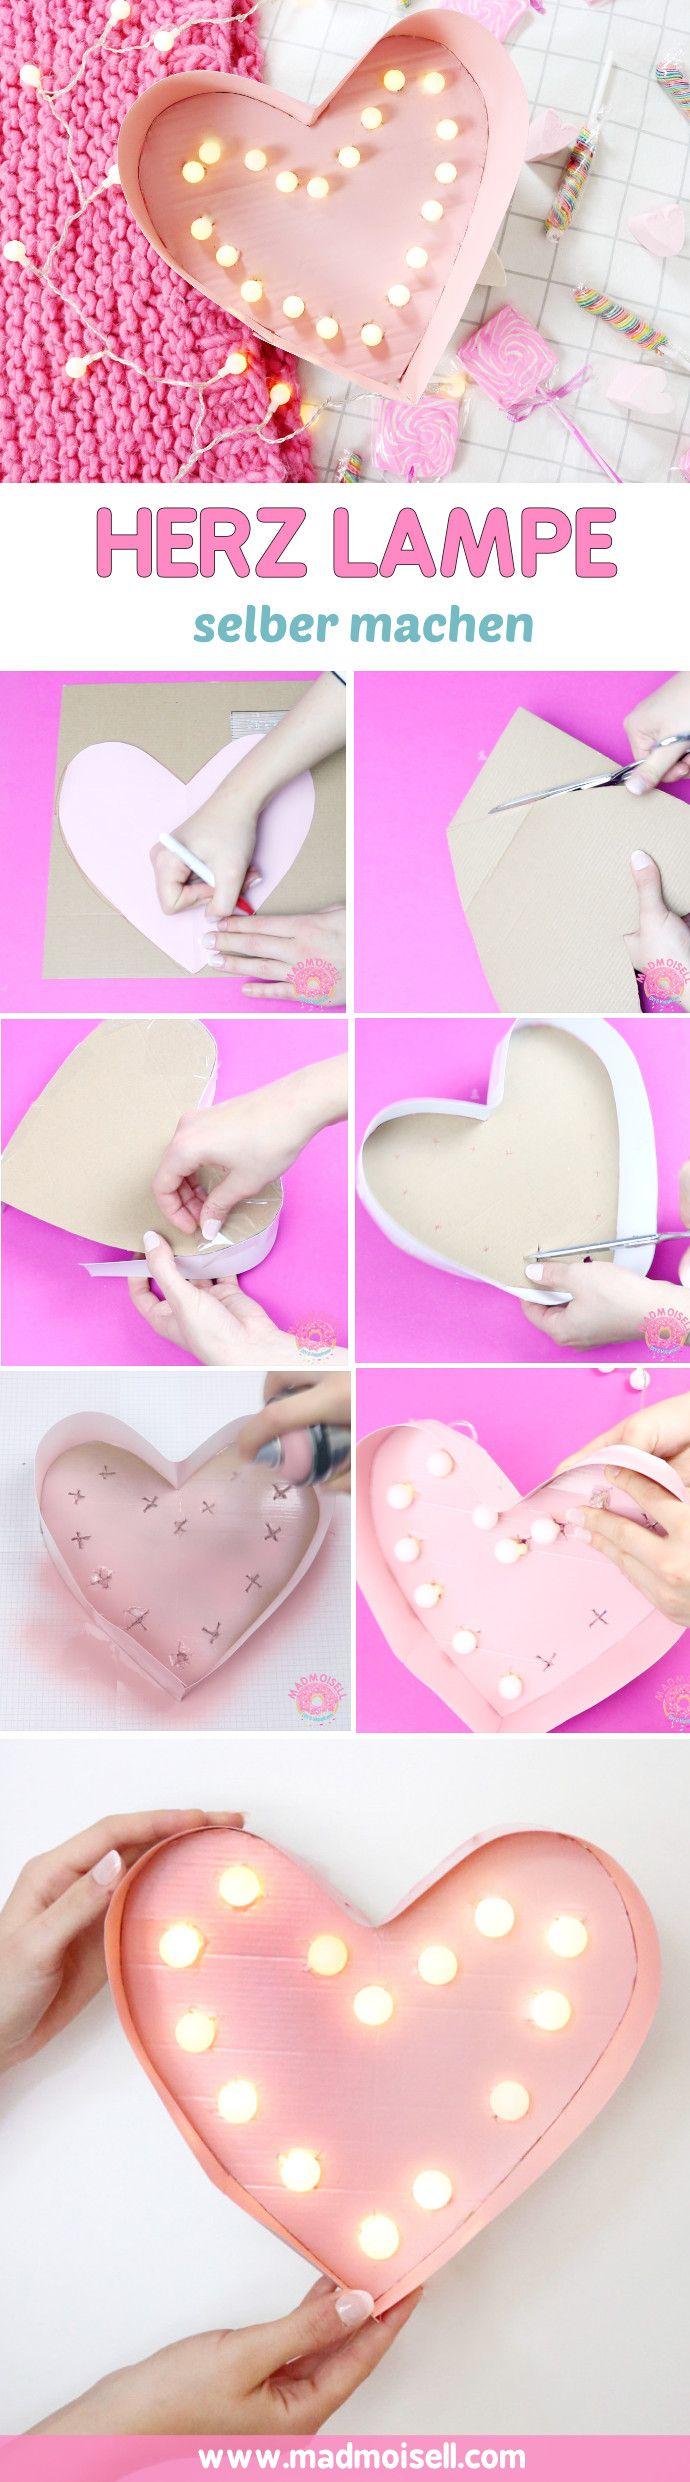 Awesome DIY Lampe in Herzform selber machen u Kreative DIY Deko Idee